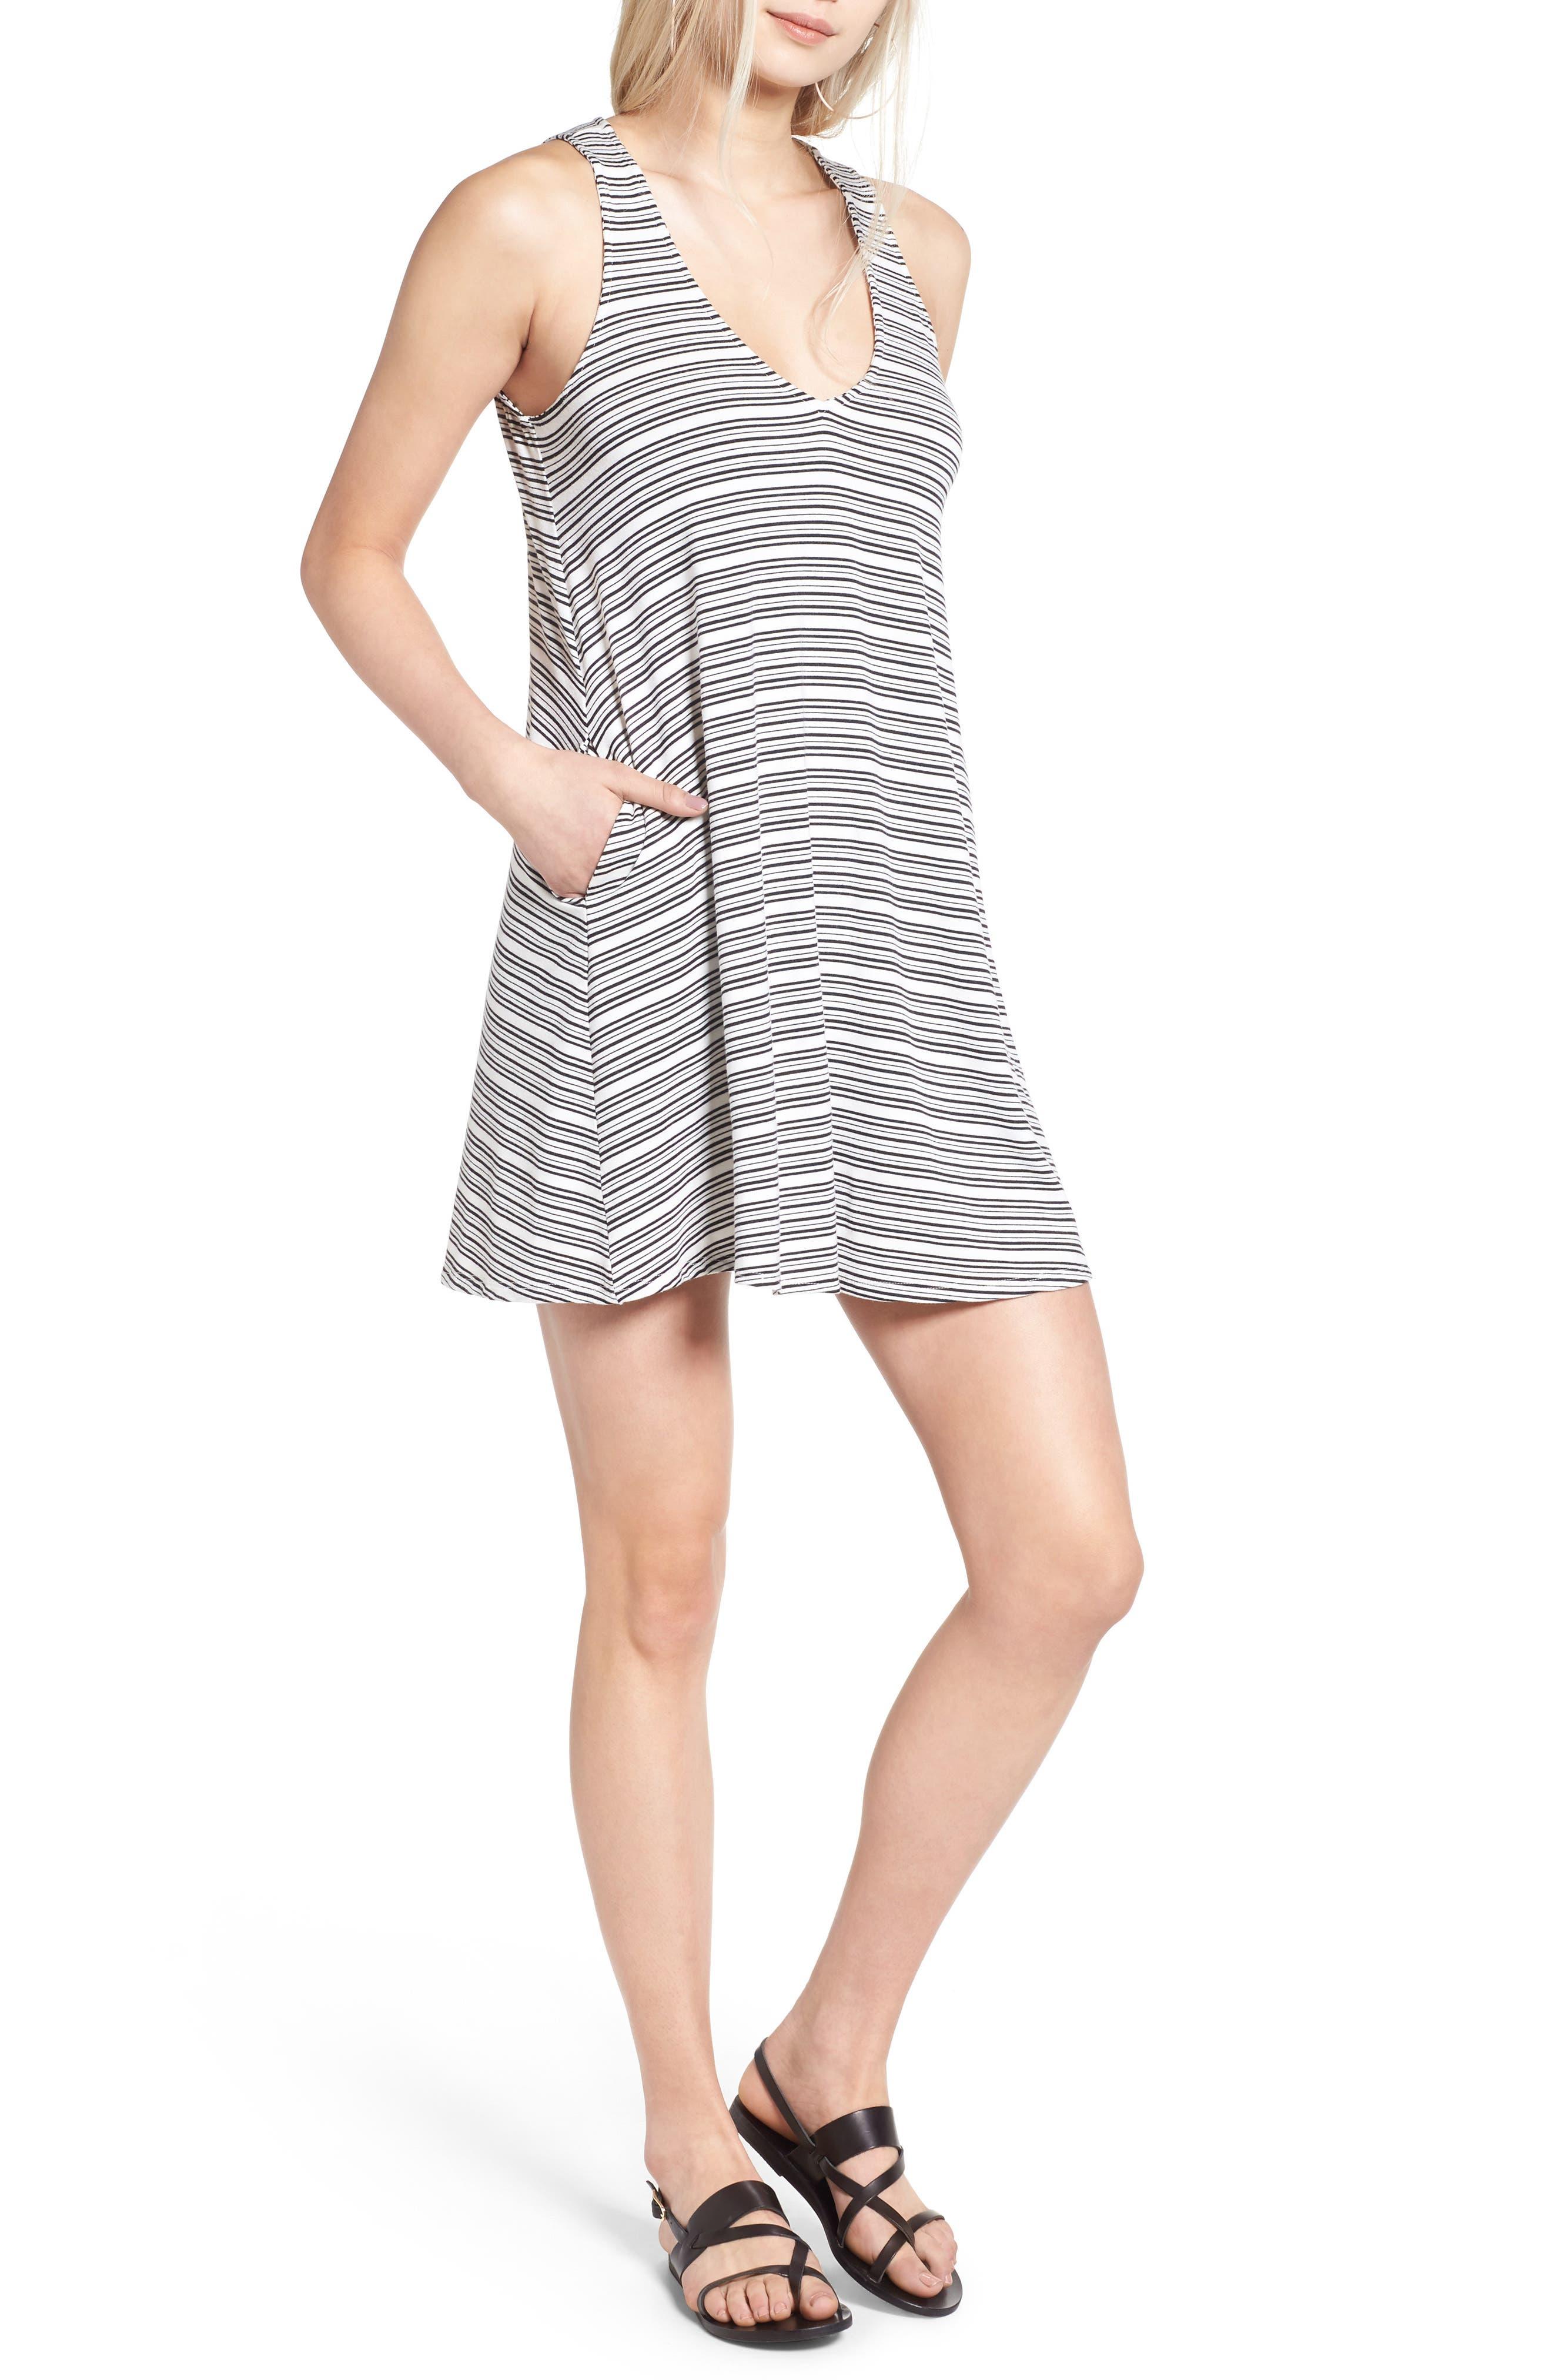 Pocket Tank Dress,                         Main,                         color, Ivory/ Black Highway Stripe